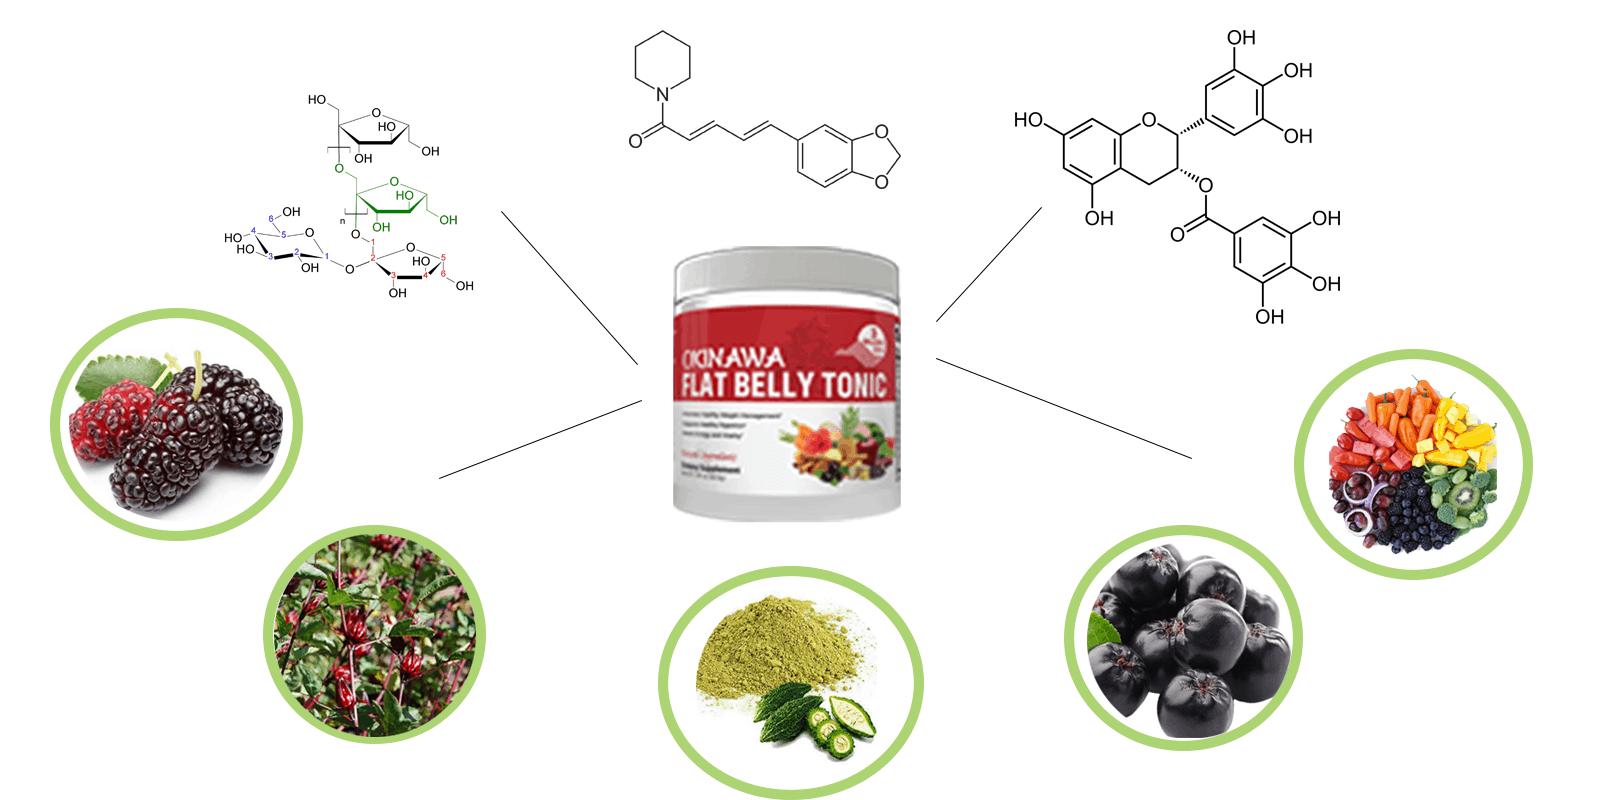 Okinawa-flat-belly-tonic-ingredients